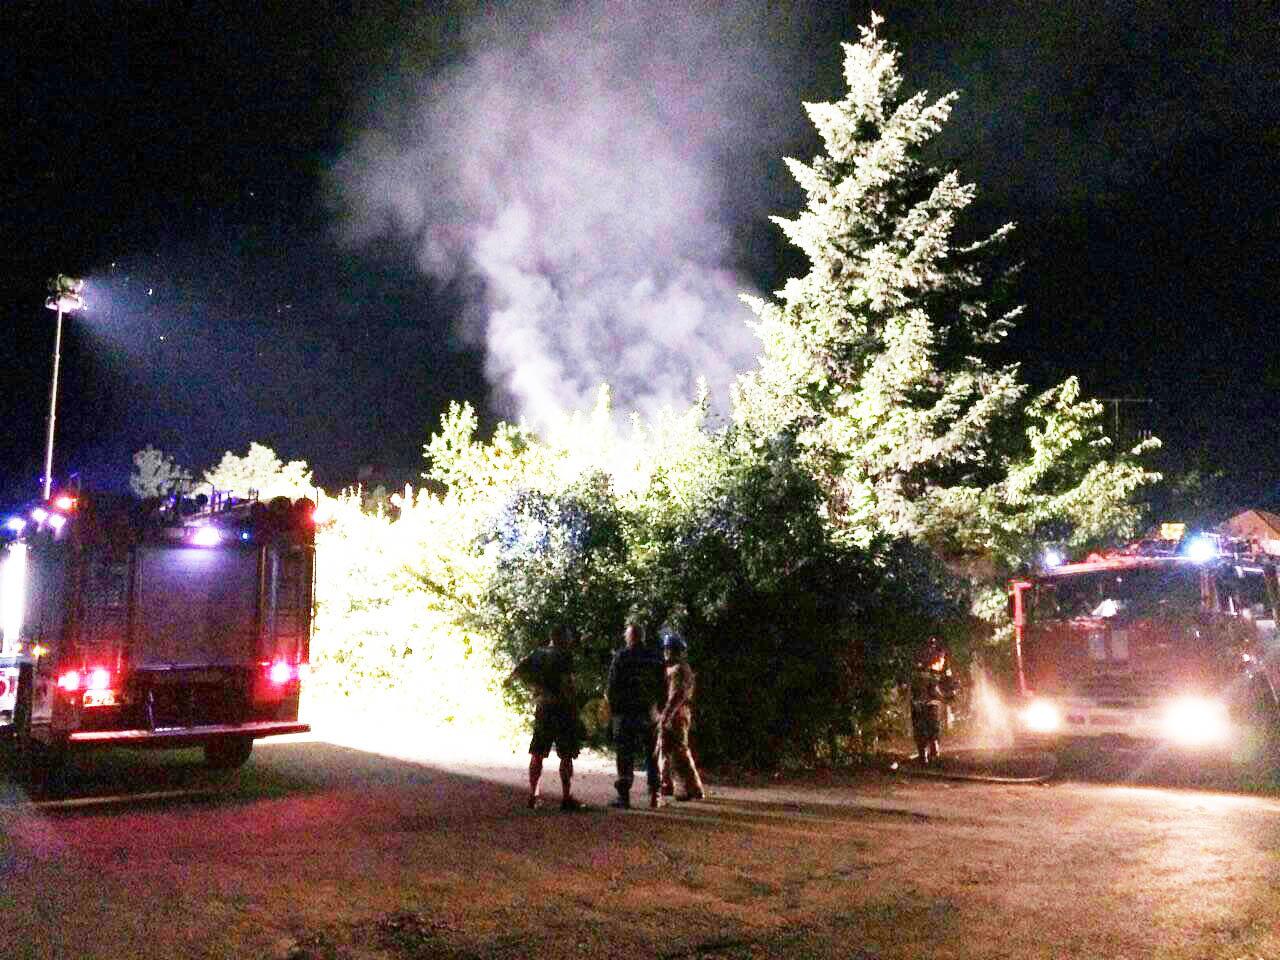 Закарпатському активісту спалили дві машини - поліція відкрила кримінальне провадження (ФОТО), фото-1